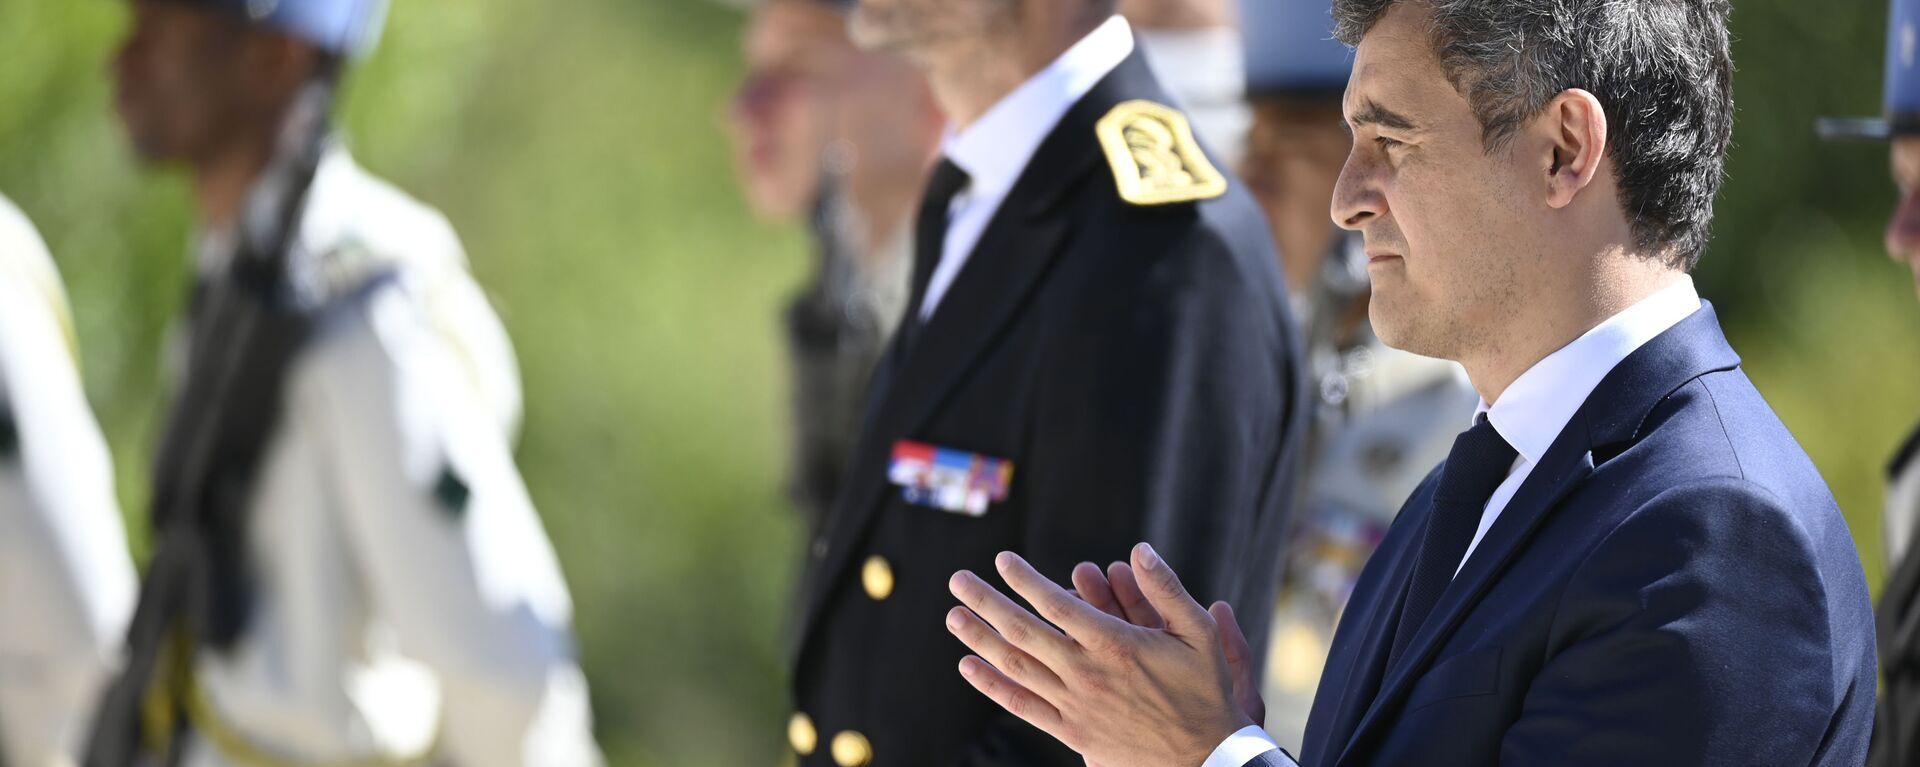 Fransa İçişleri Bakanı Gerald Darmanin, 1. Dünya Savaşı'nda Fransa tarafında savaşırken hayatını kaybeden Müslüman askerleri anmak için Verdun Muharebe Alanı'nı ziyaret etti.  - Sputnik Türkiye, 1920, 12.10.2021